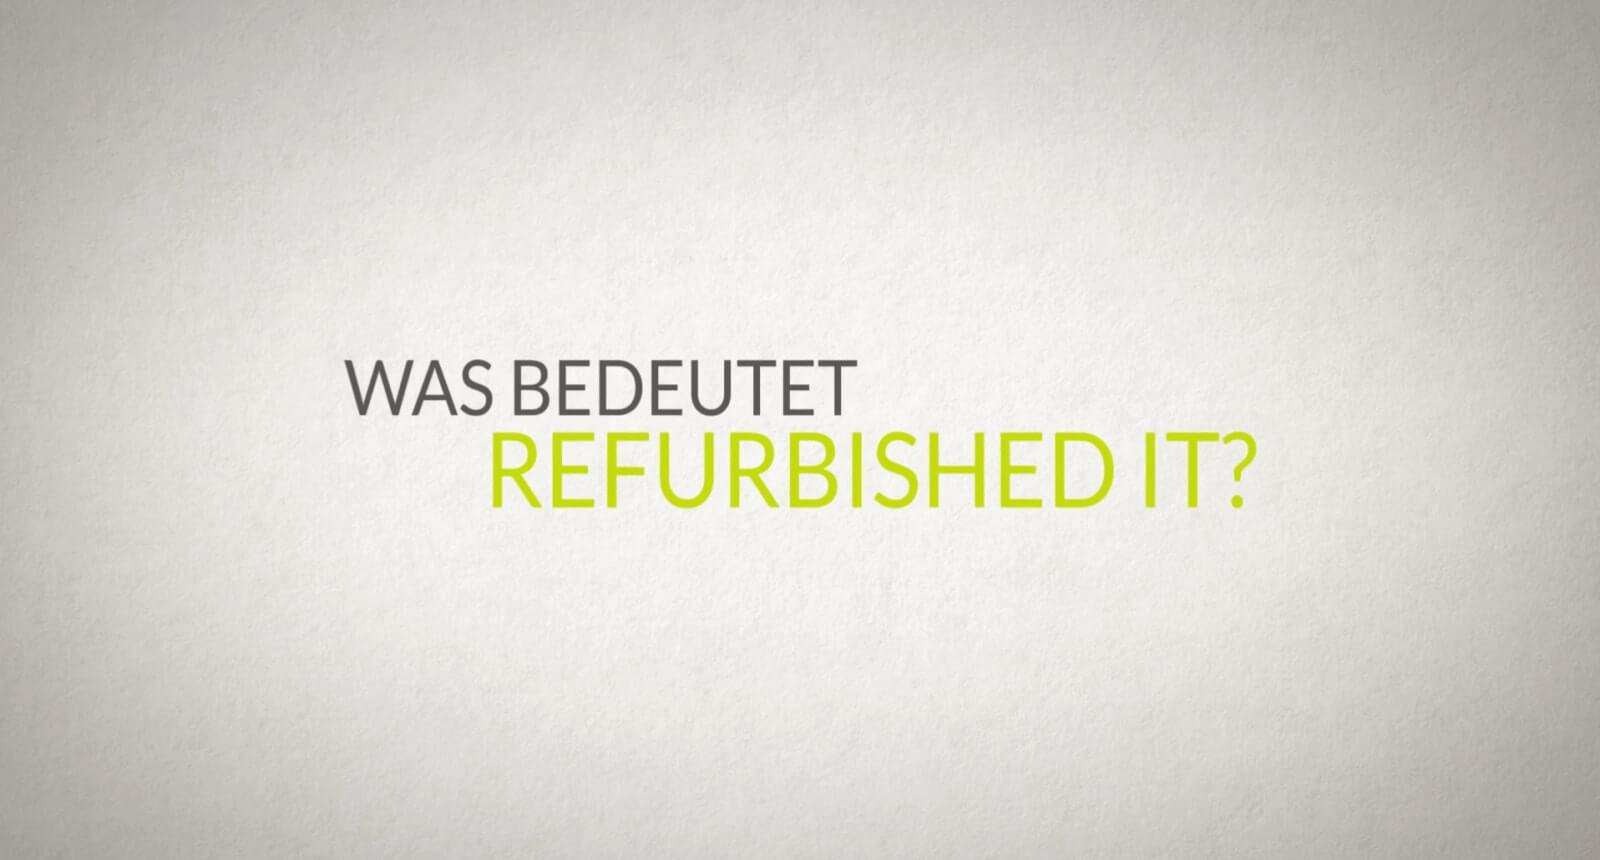 gebrauchte laptops kaufen >> 1a zustand >> greenpanda.de, Hause ideen